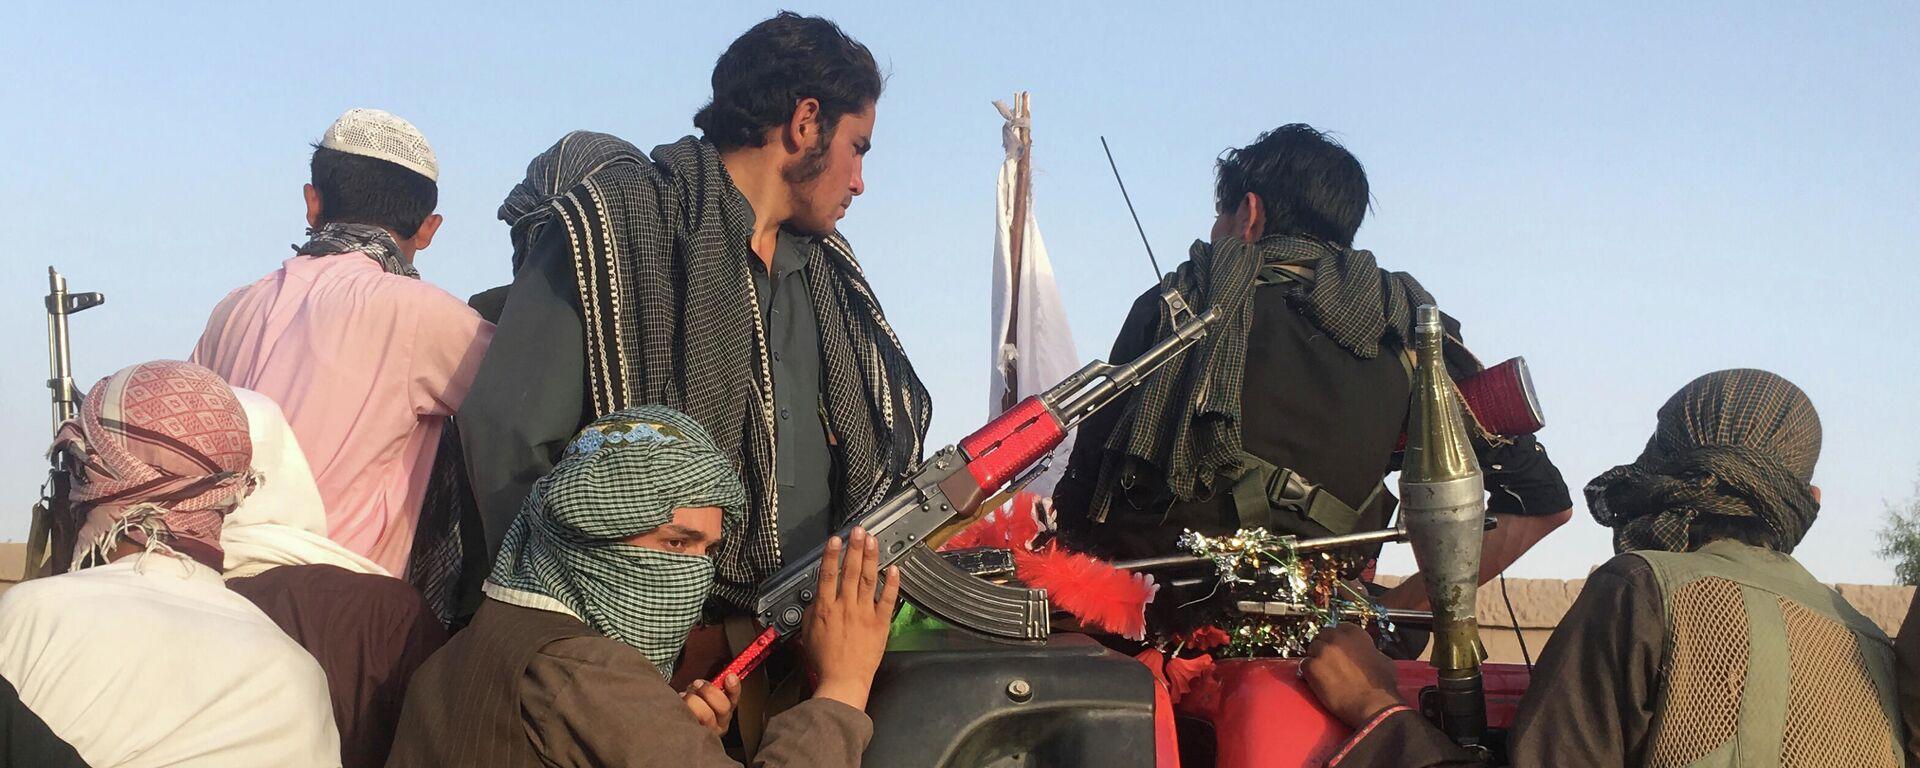 Bojovníci radikálního hnutí Tálibán* v Afghánistánu - Sputnik Česká republika, 1920, 02.09.2021